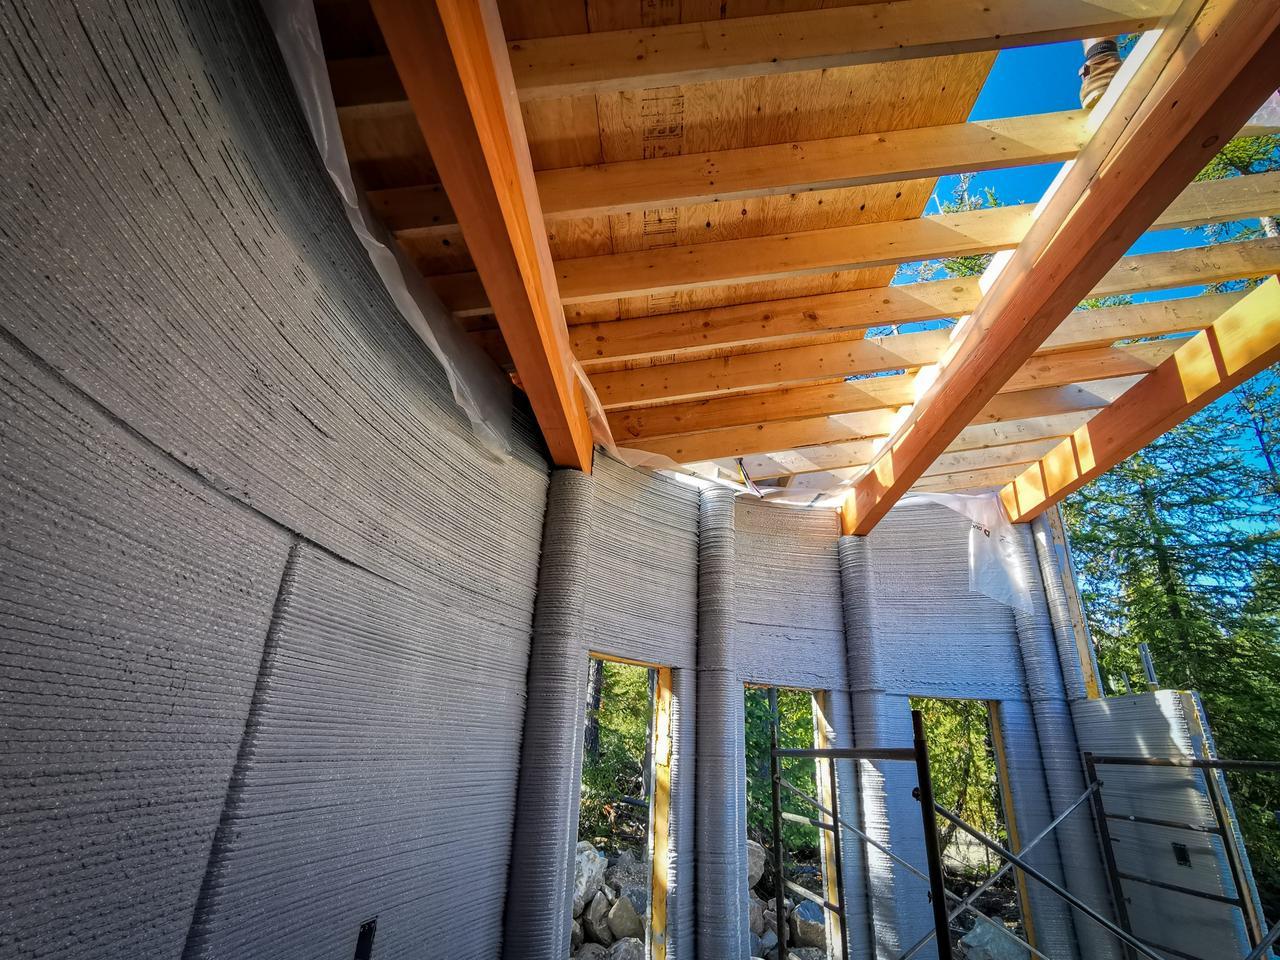 Хотя стены дома Фибоначчи создал 3D-принтер, люди установили крышу дома Фибоначчи.